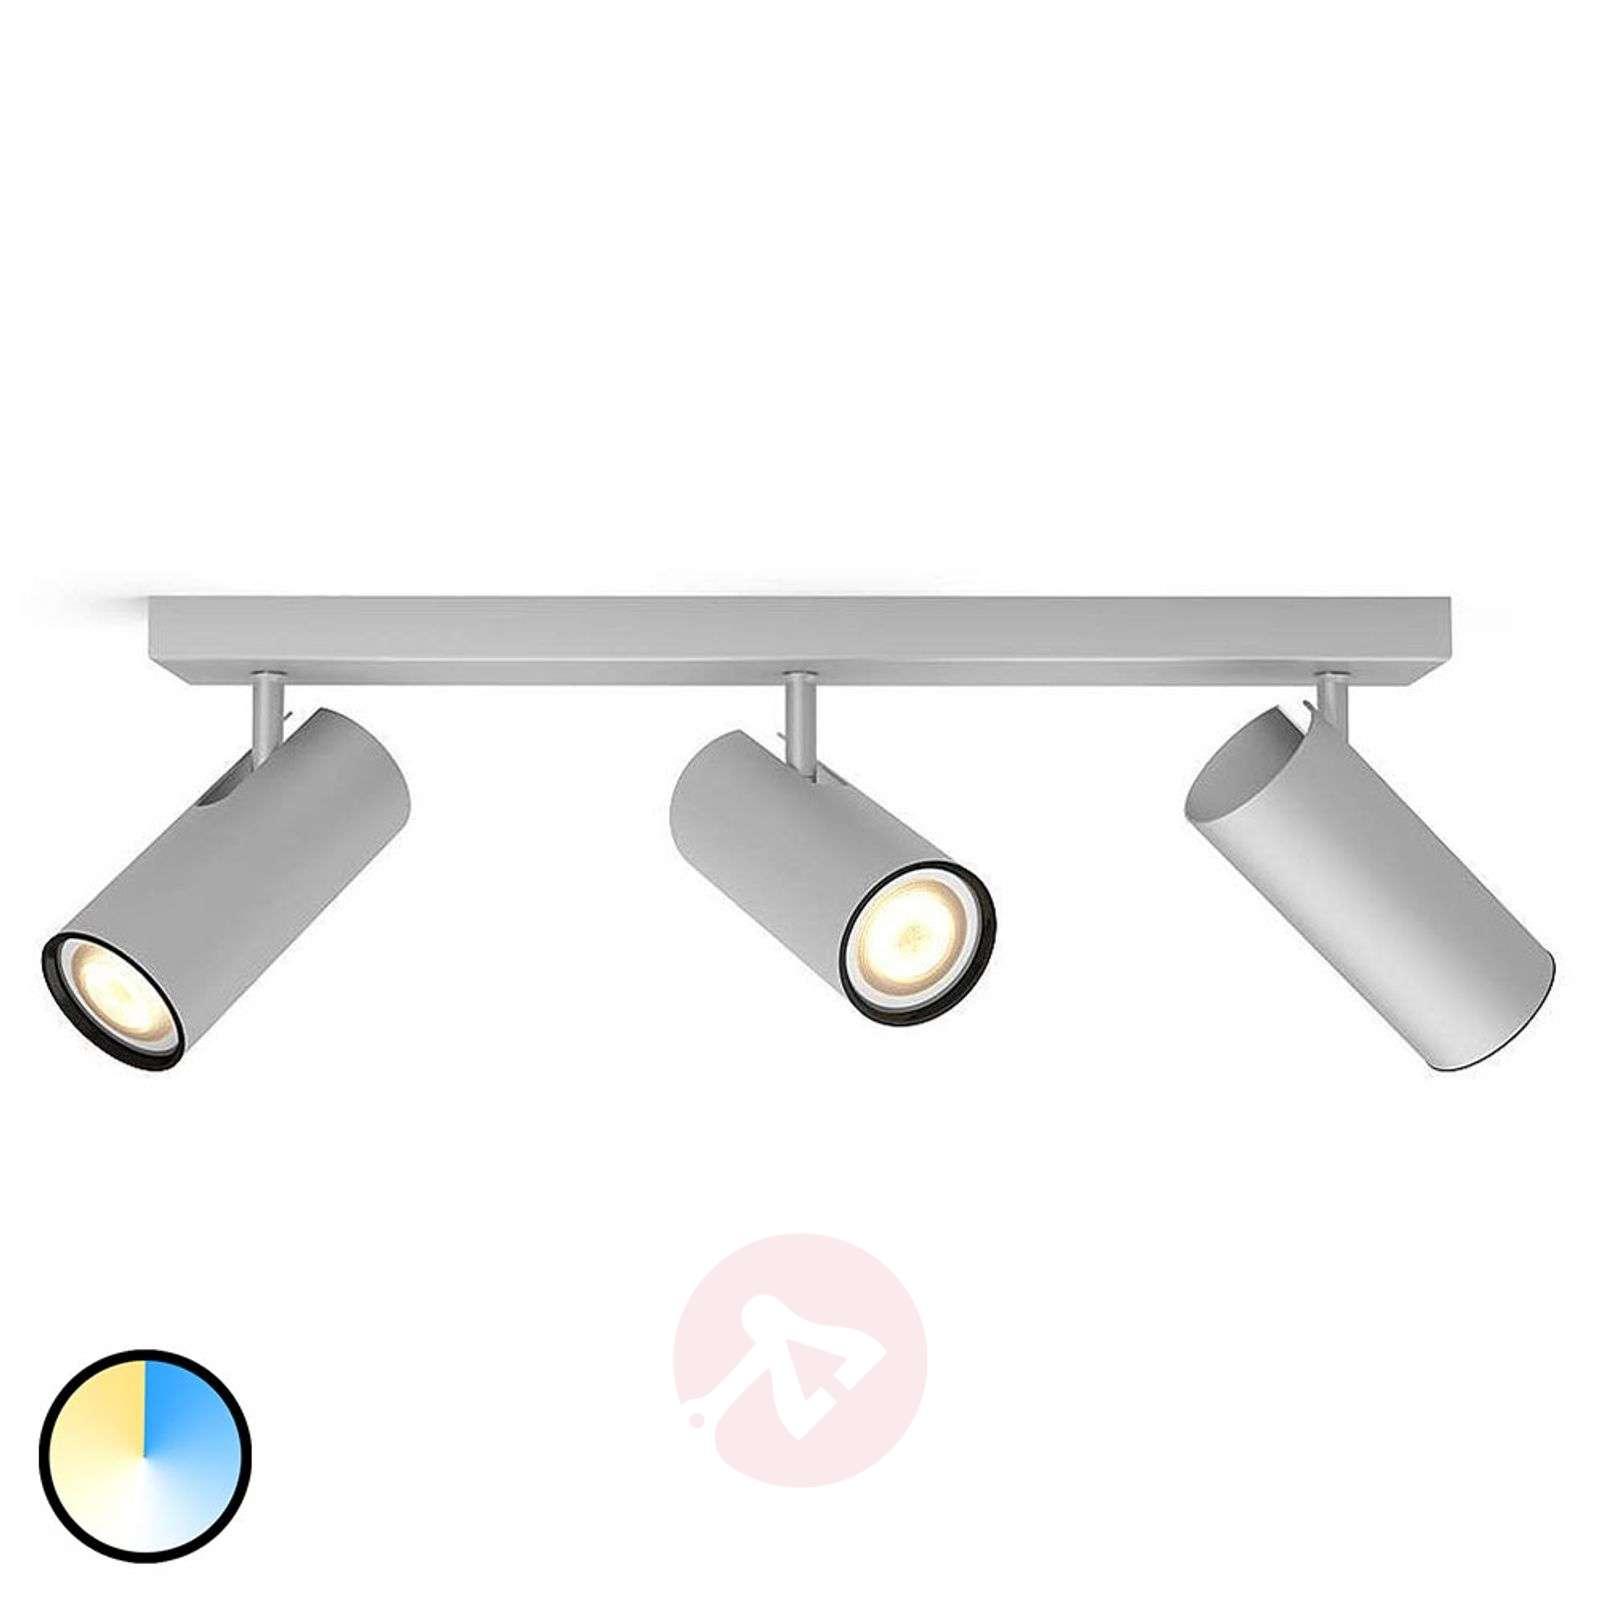 Philips Hue LED-spotti Buratto 3-osainen alumiini-7532044-01